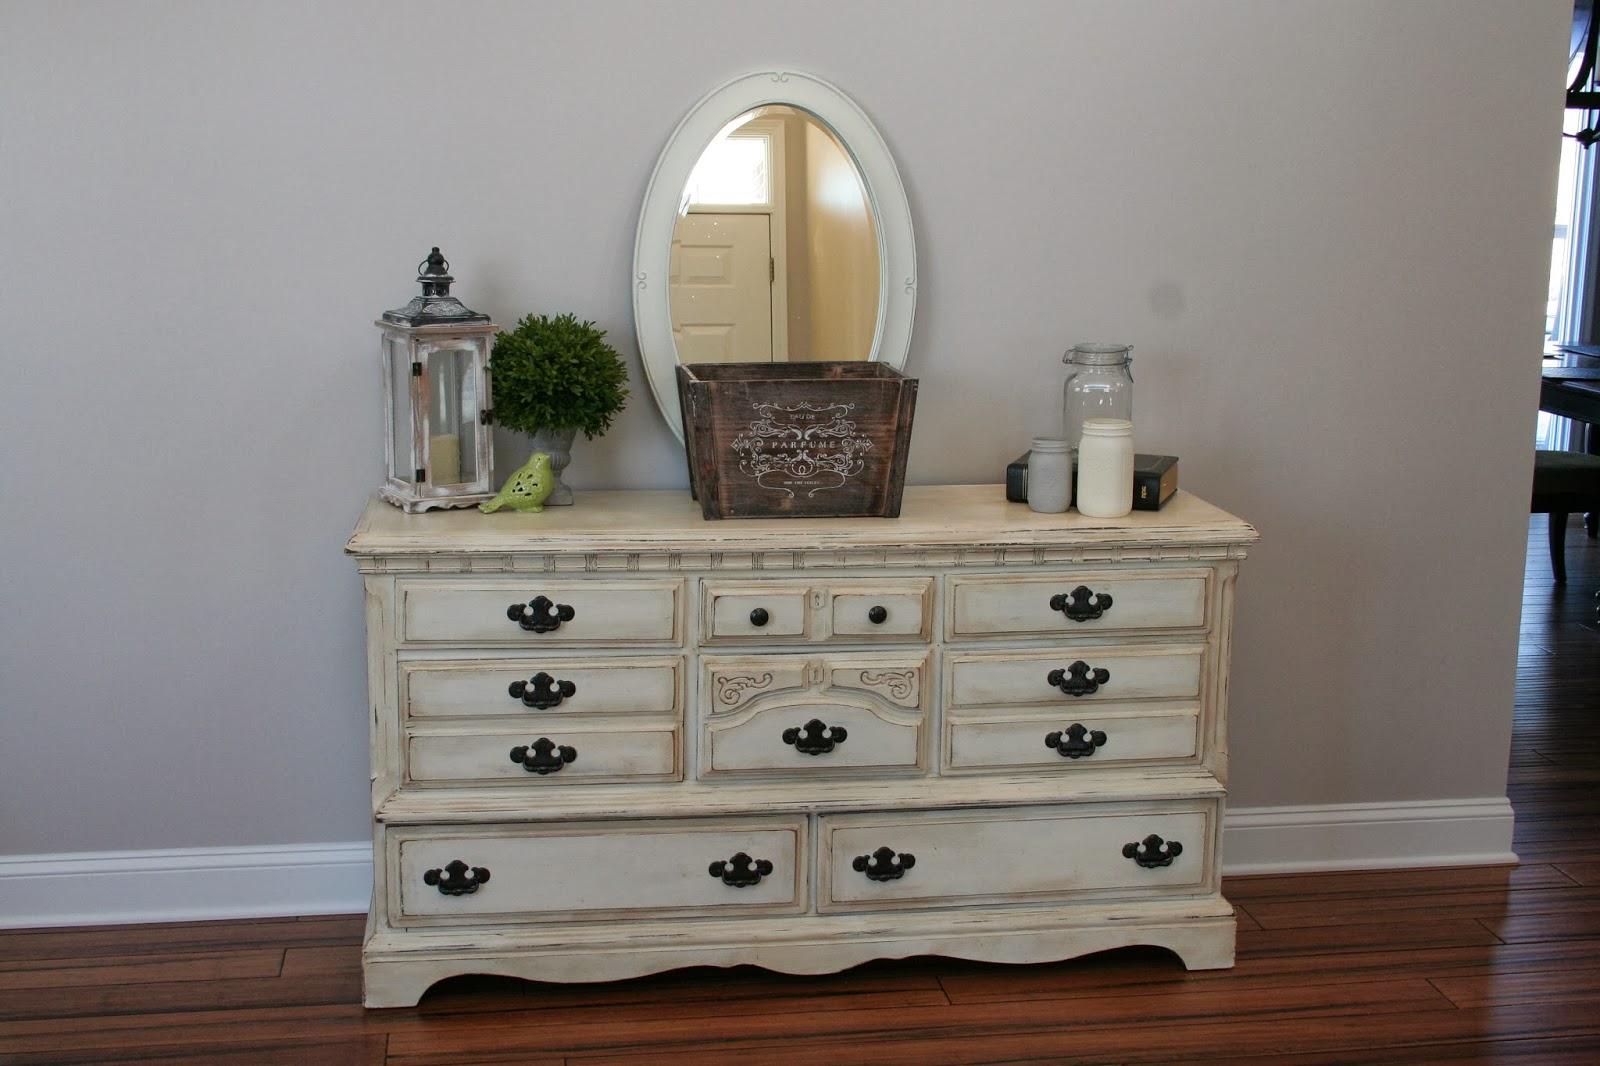 Меловая краска на мебели